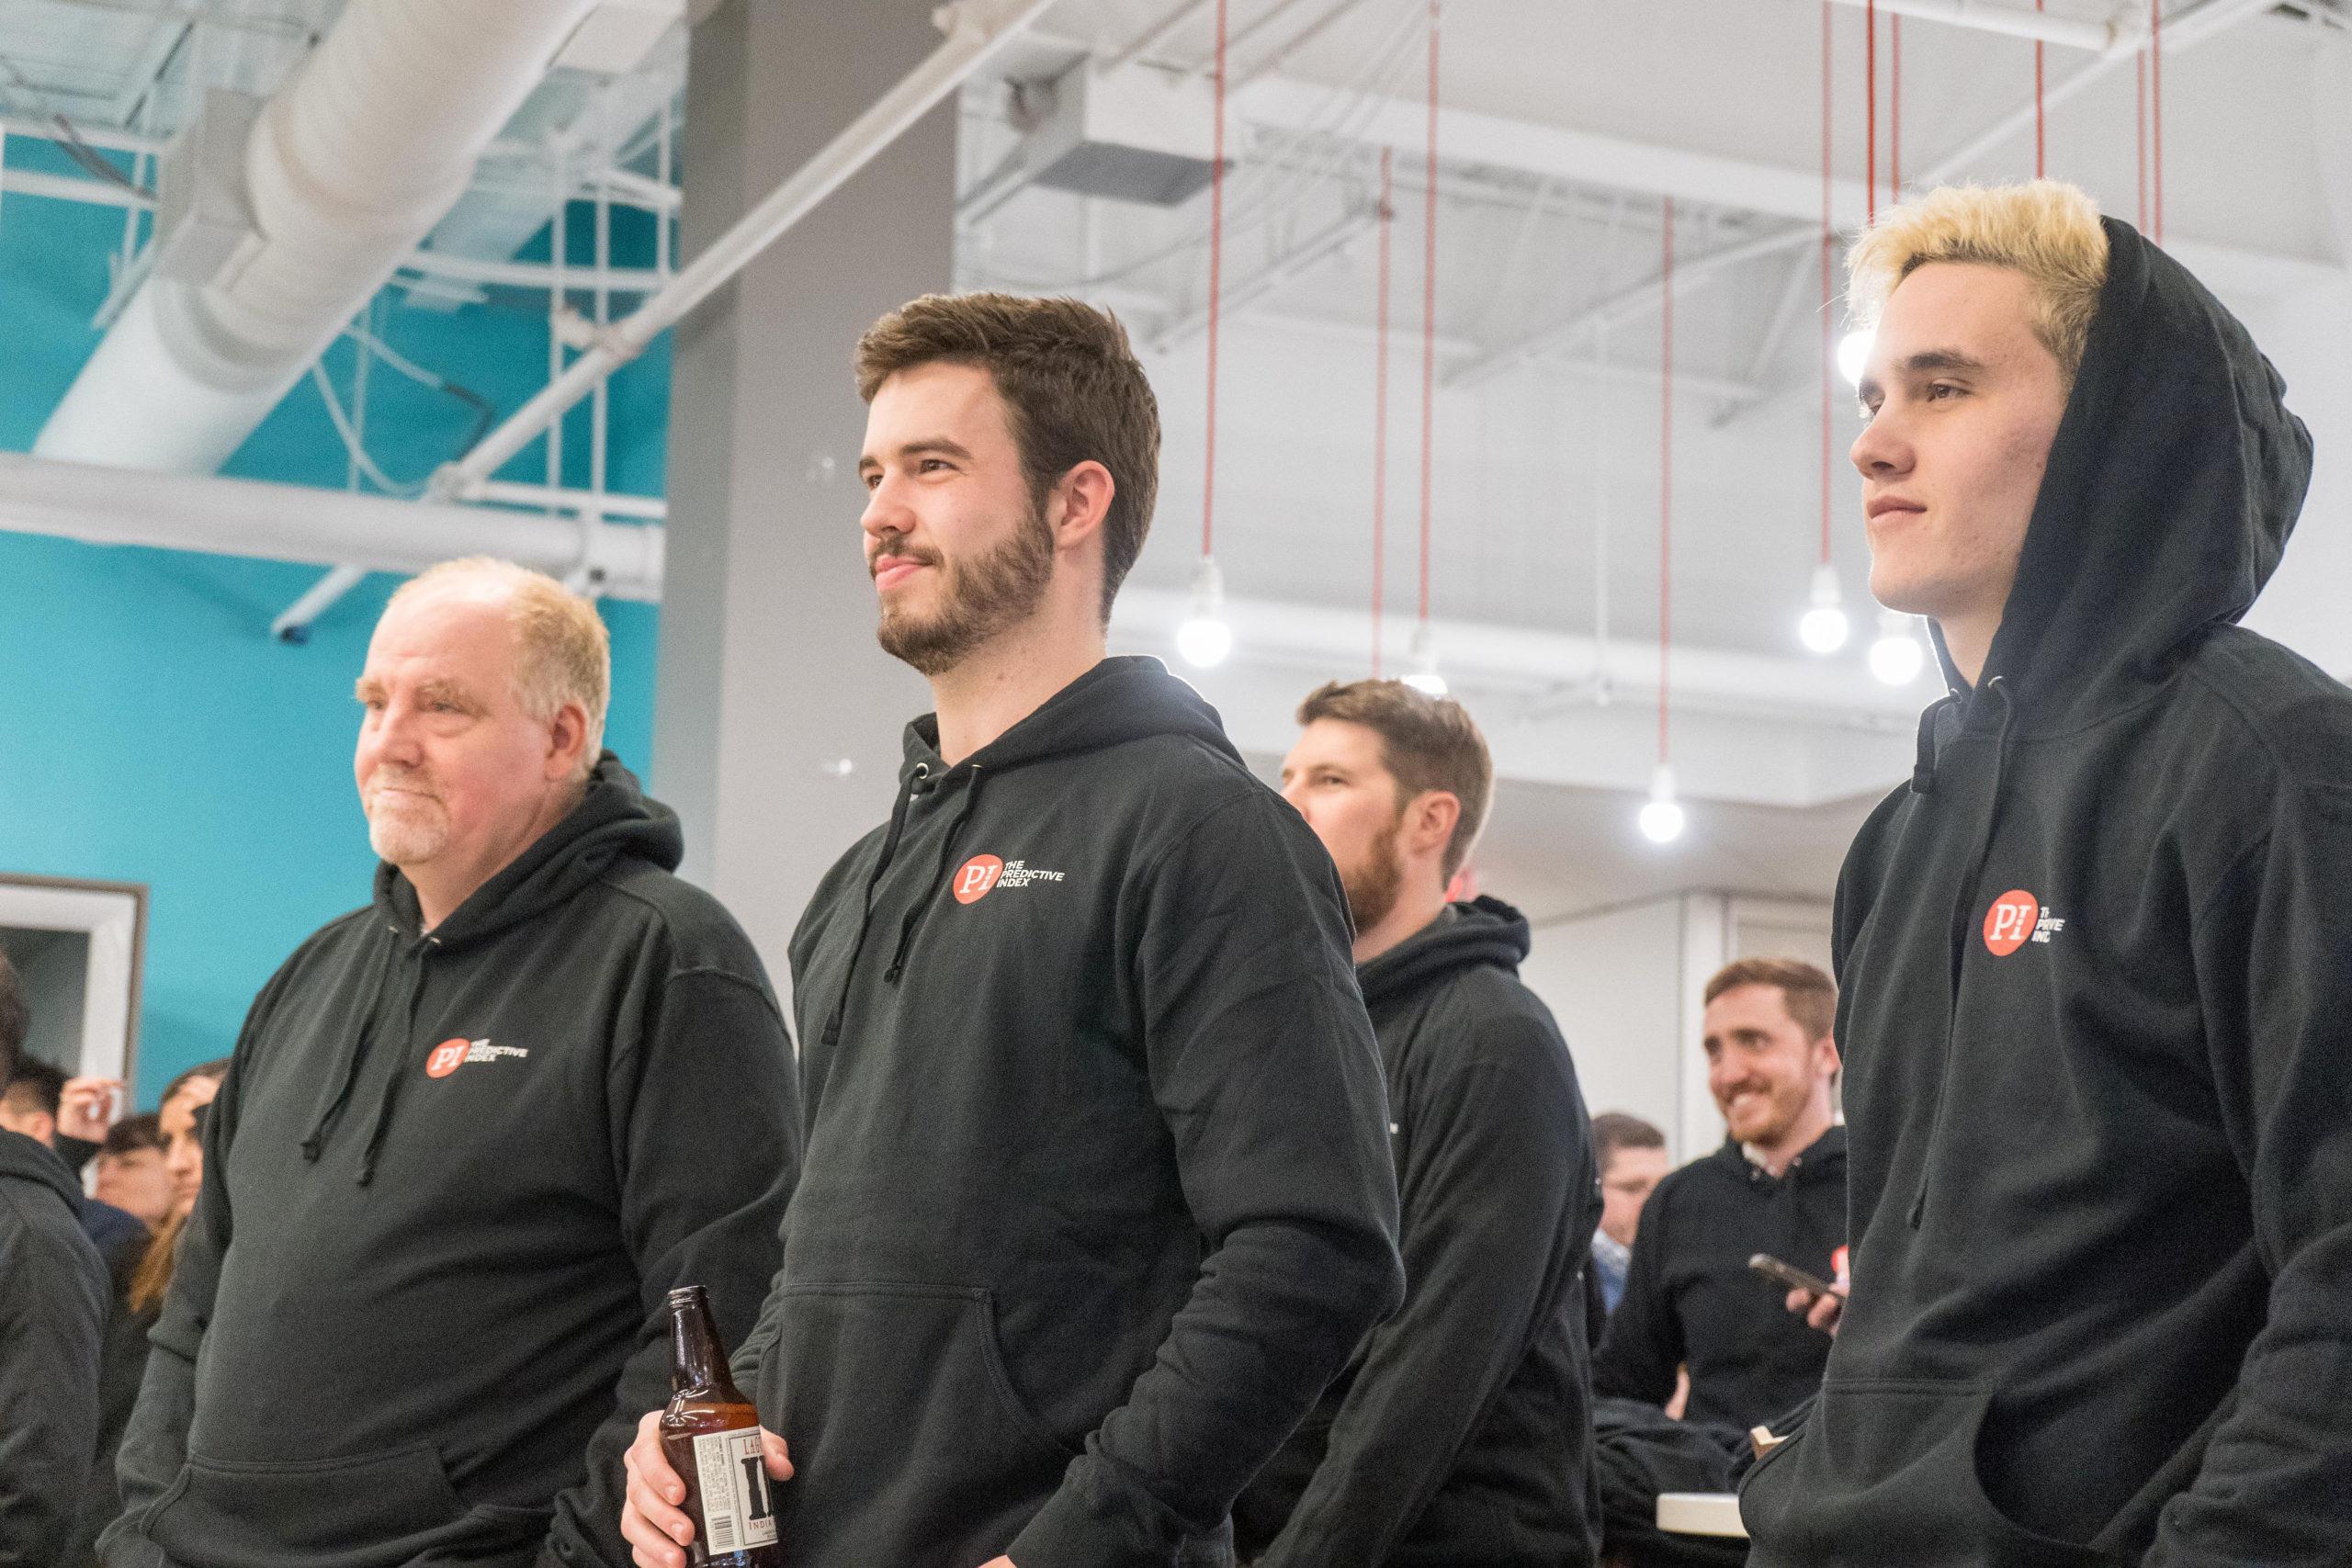 employees wear black hoodies